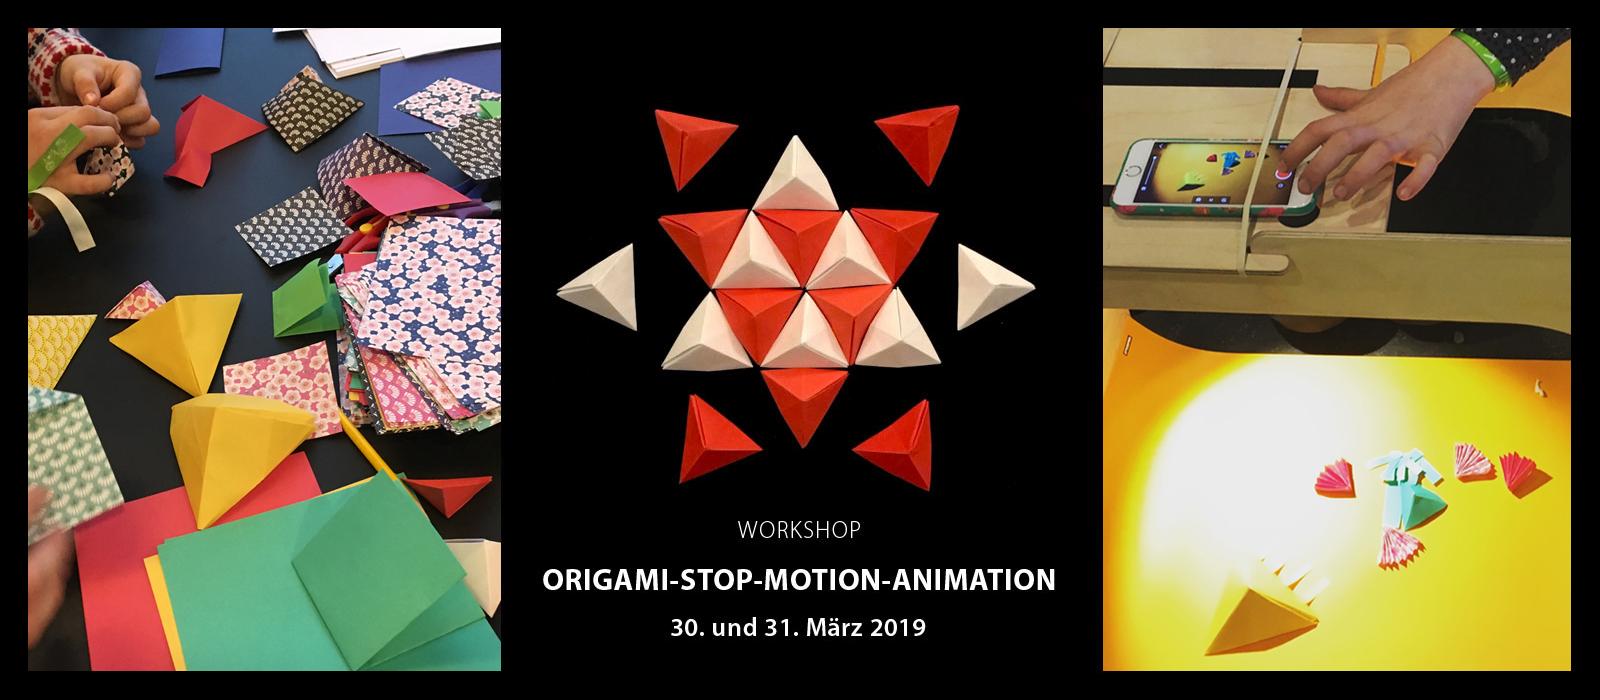 Origami-Workshop-Banner-02